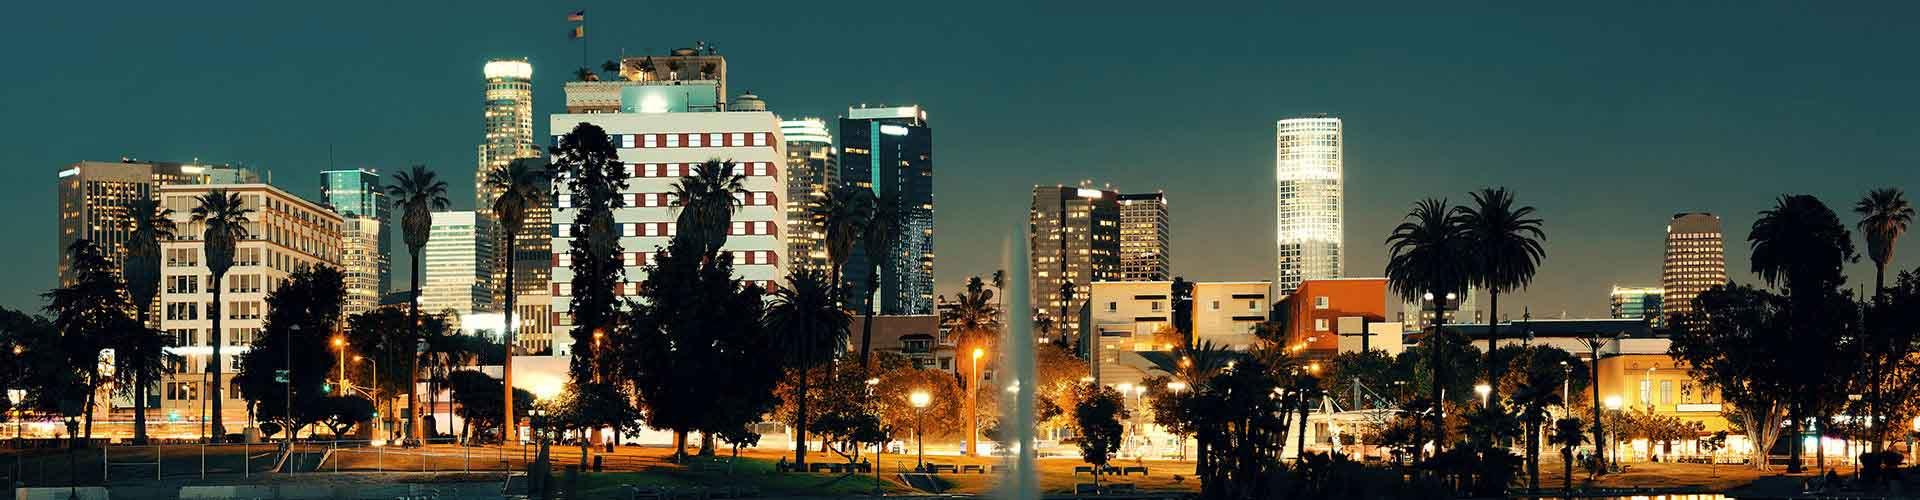 洛杉矶 – 好莱坞标志 附近的青年旅舍。洛杉矶地图,洛杉矶 所有青年旅馆的照片和评分。